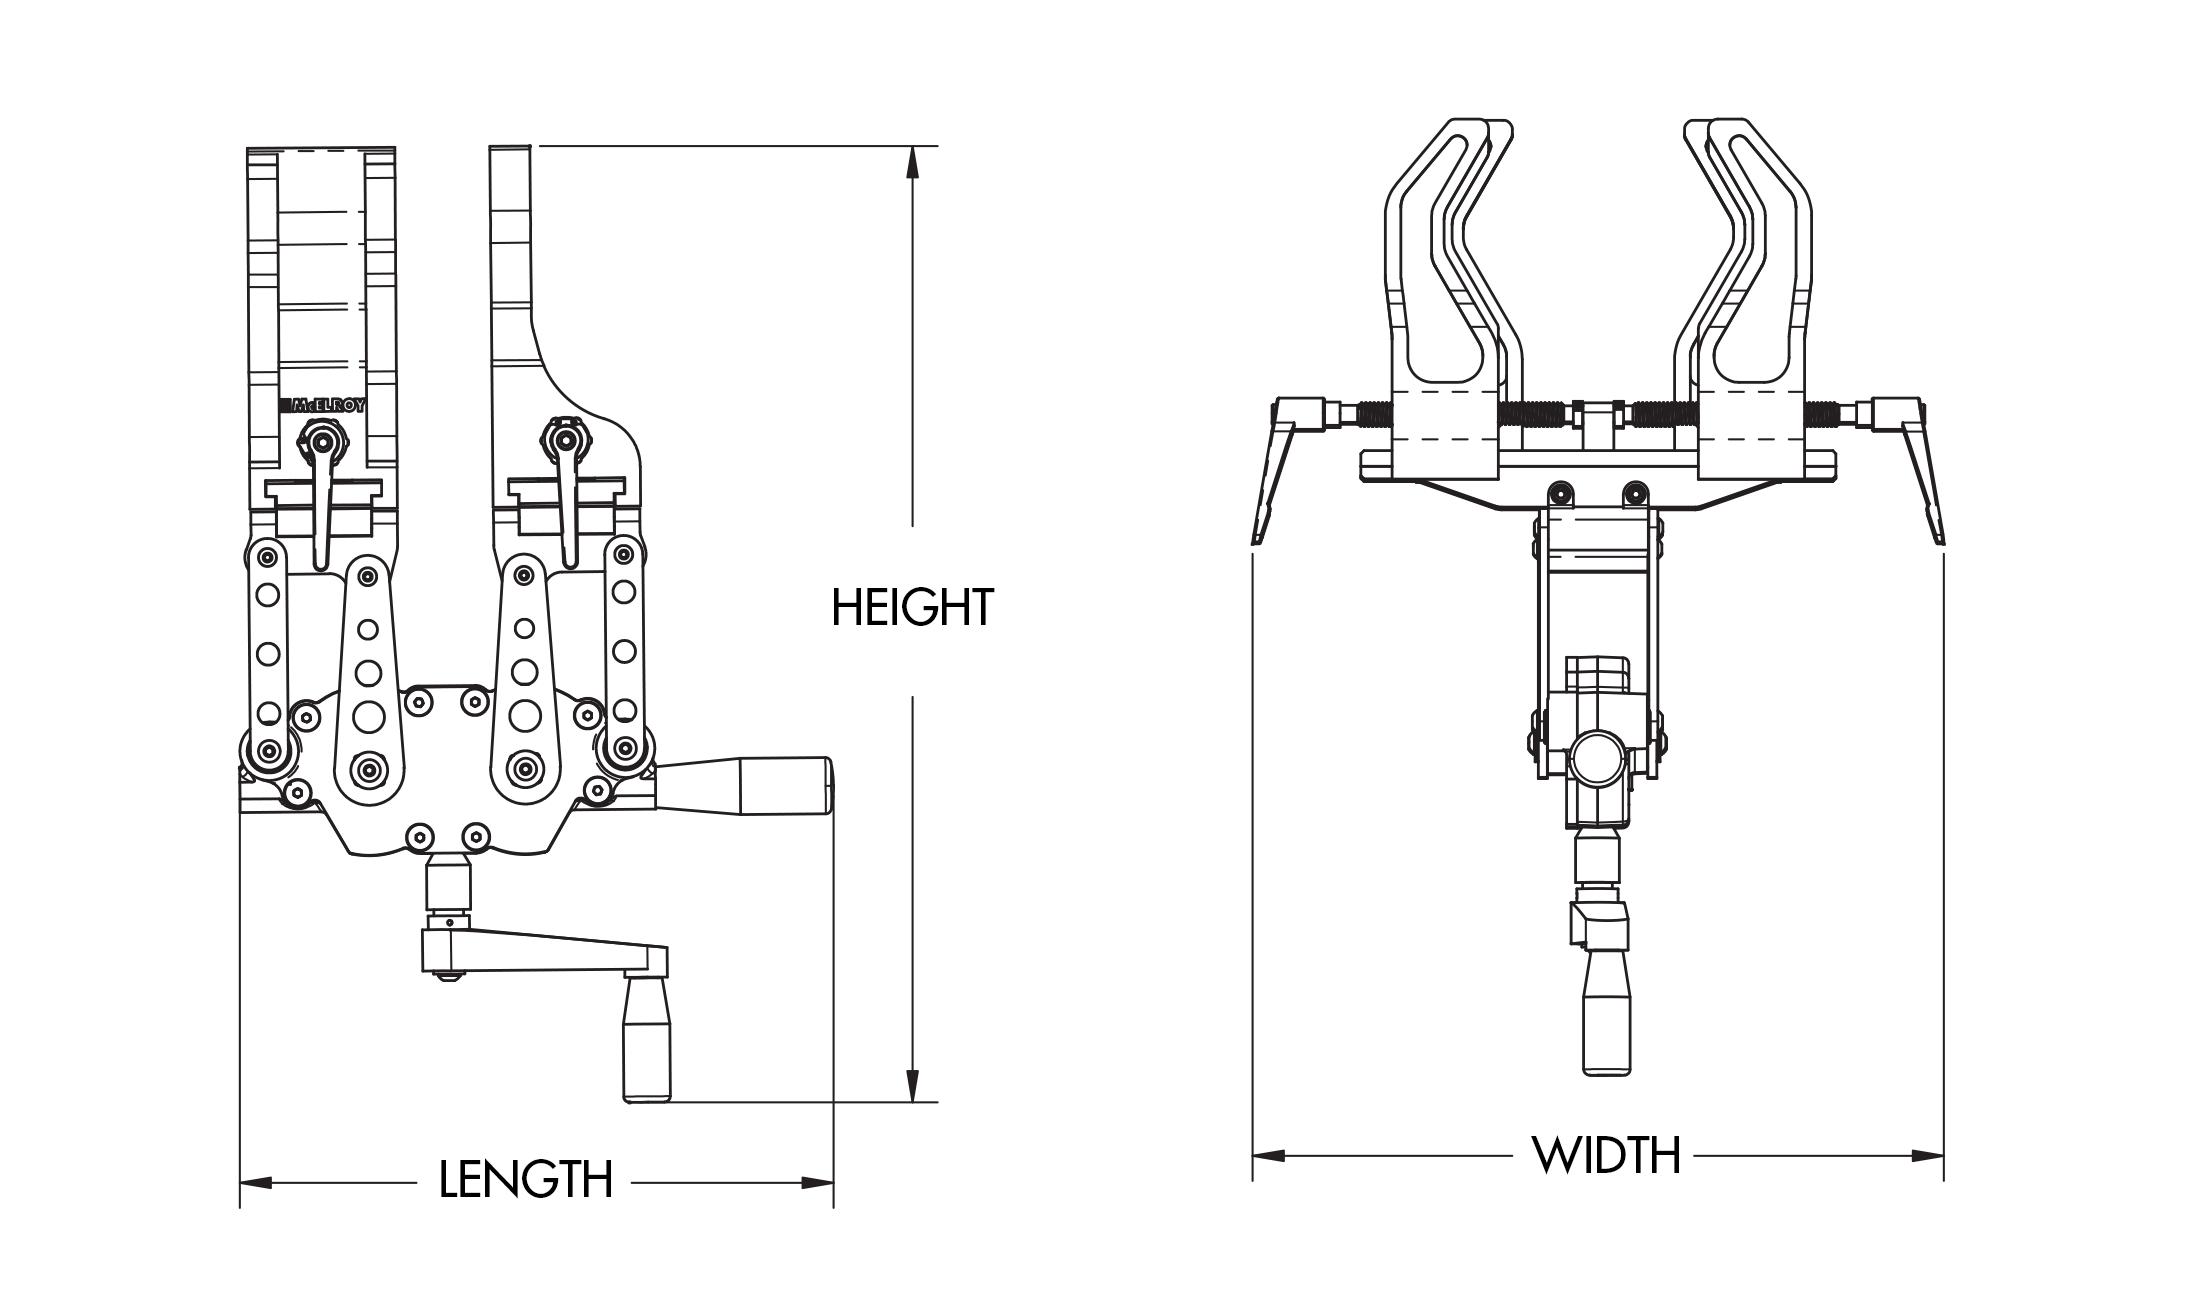 mcelroy spider u2122 125 fusion machine